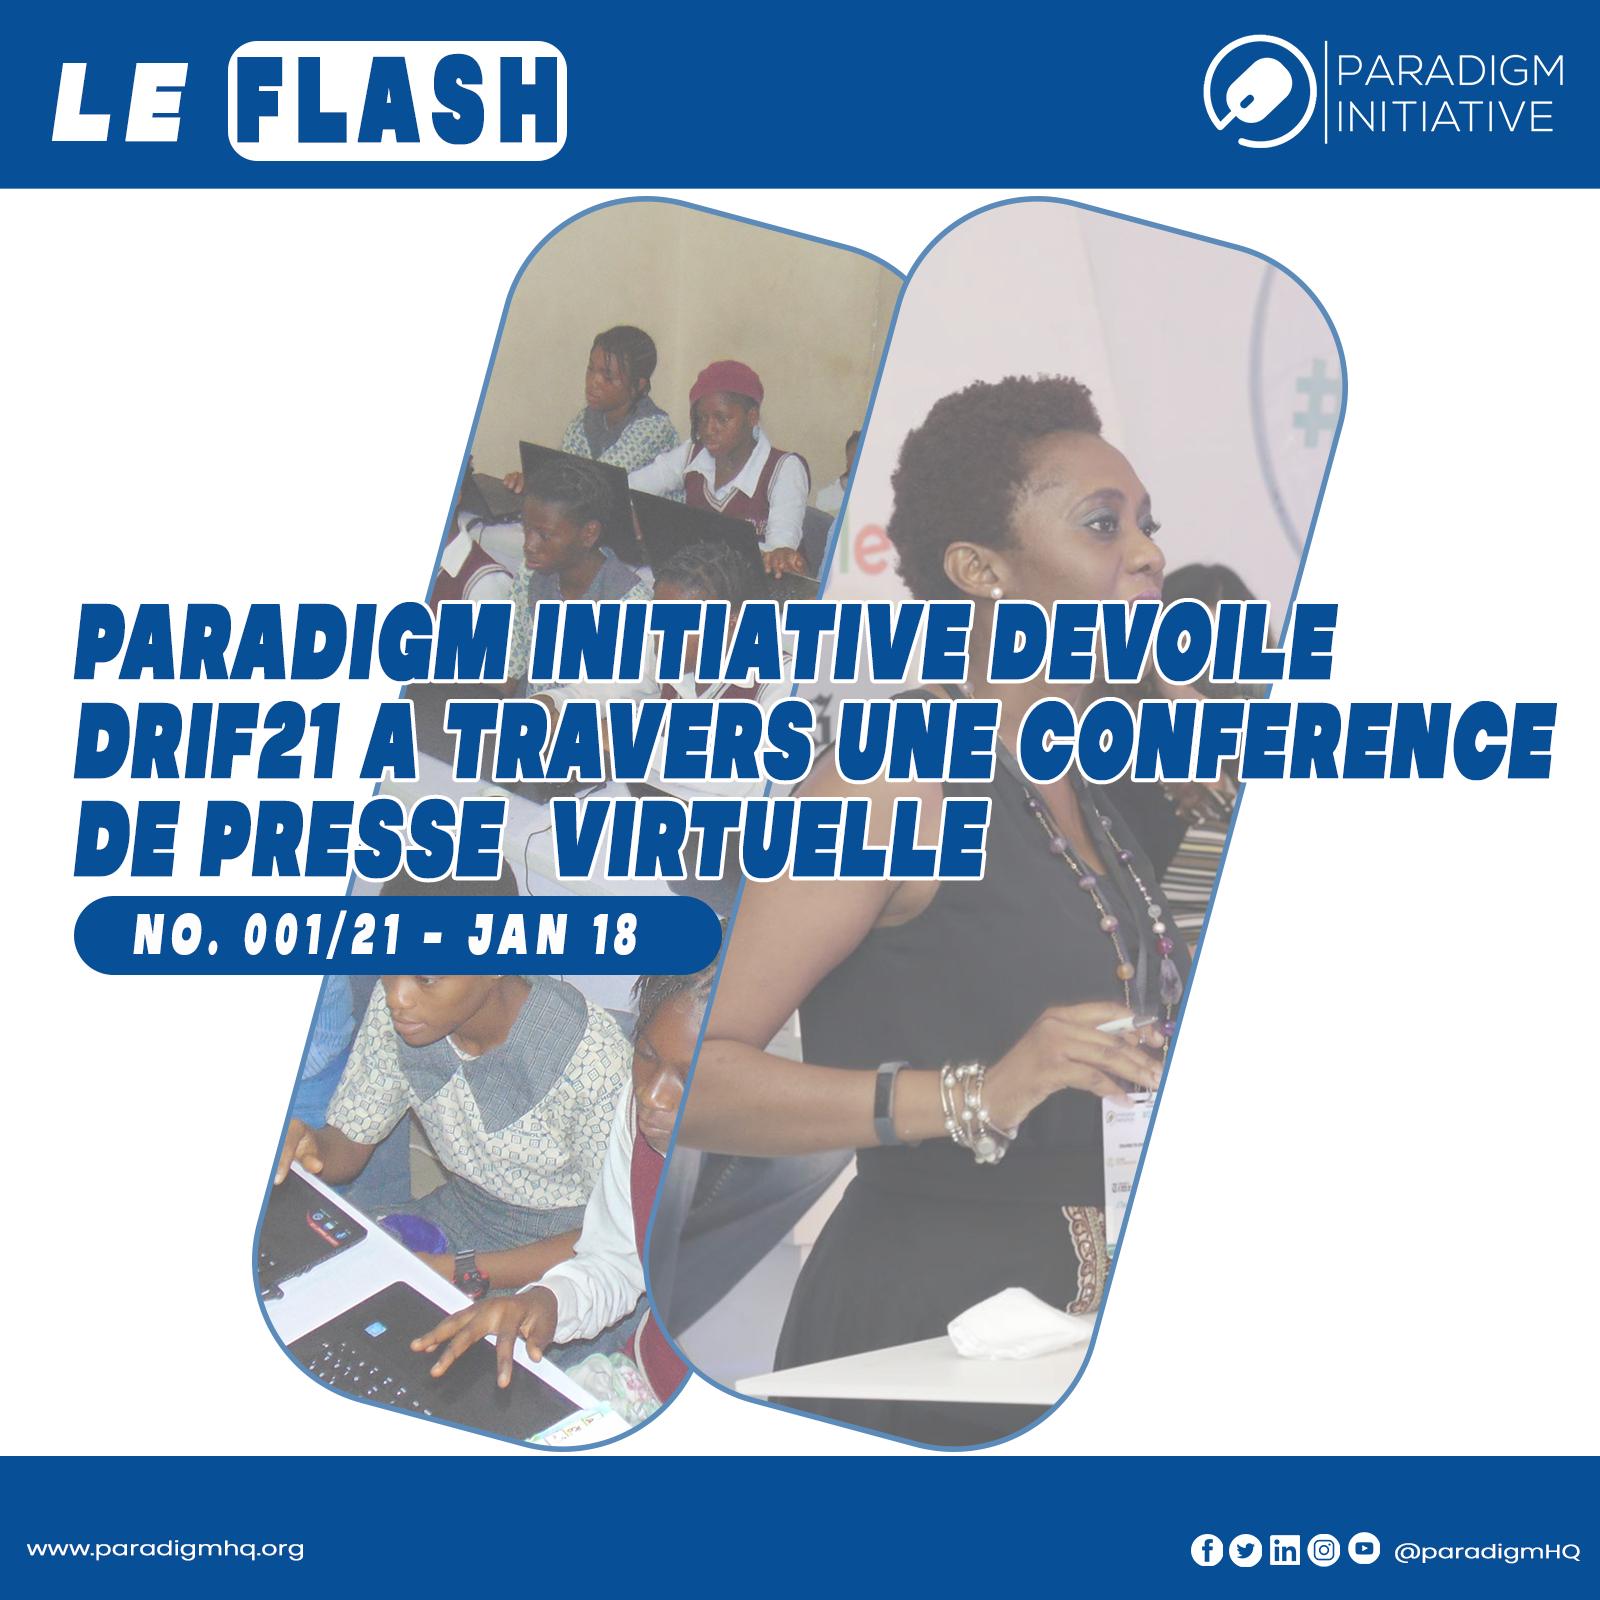 LE FLASH: Paradigm Initiative Dévoile DRIF21 à Travers une Conférence de Presse Virtuelle.